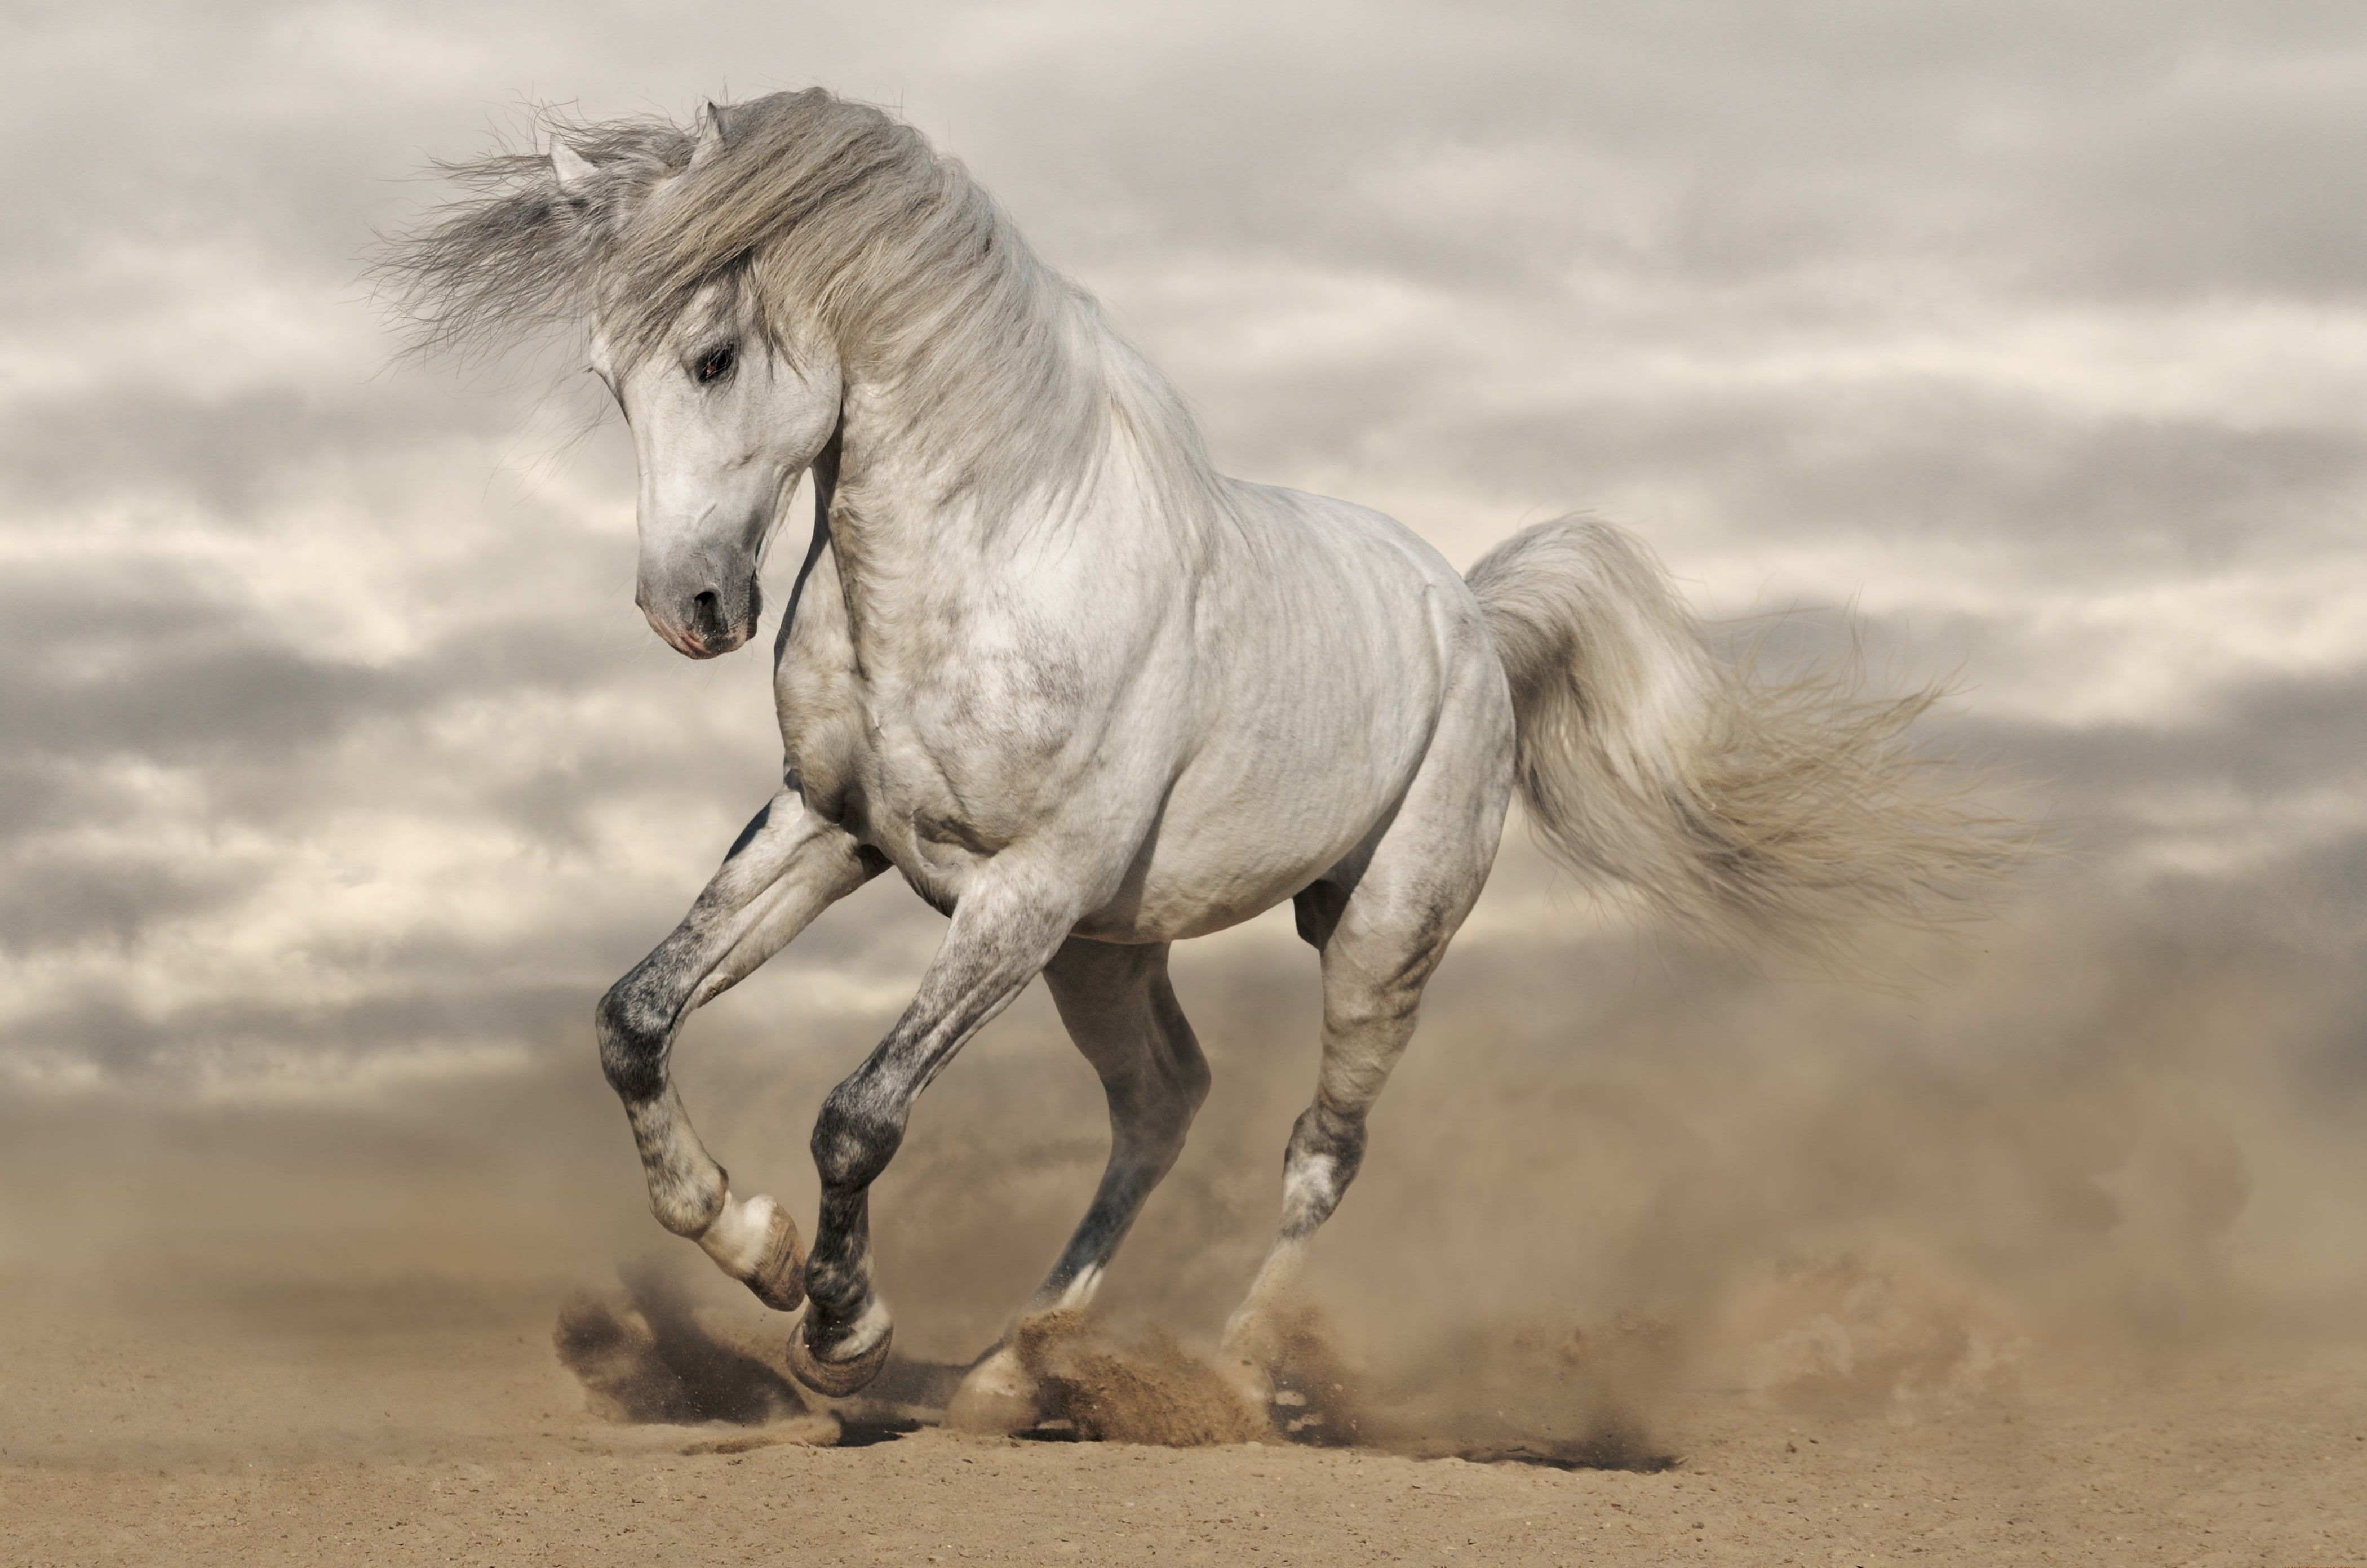 White Horse Sand Horse Dust Running Mane 4k Wallpaper Hdwallpaper Desktop Horses Horse Wallpaper Free Horses